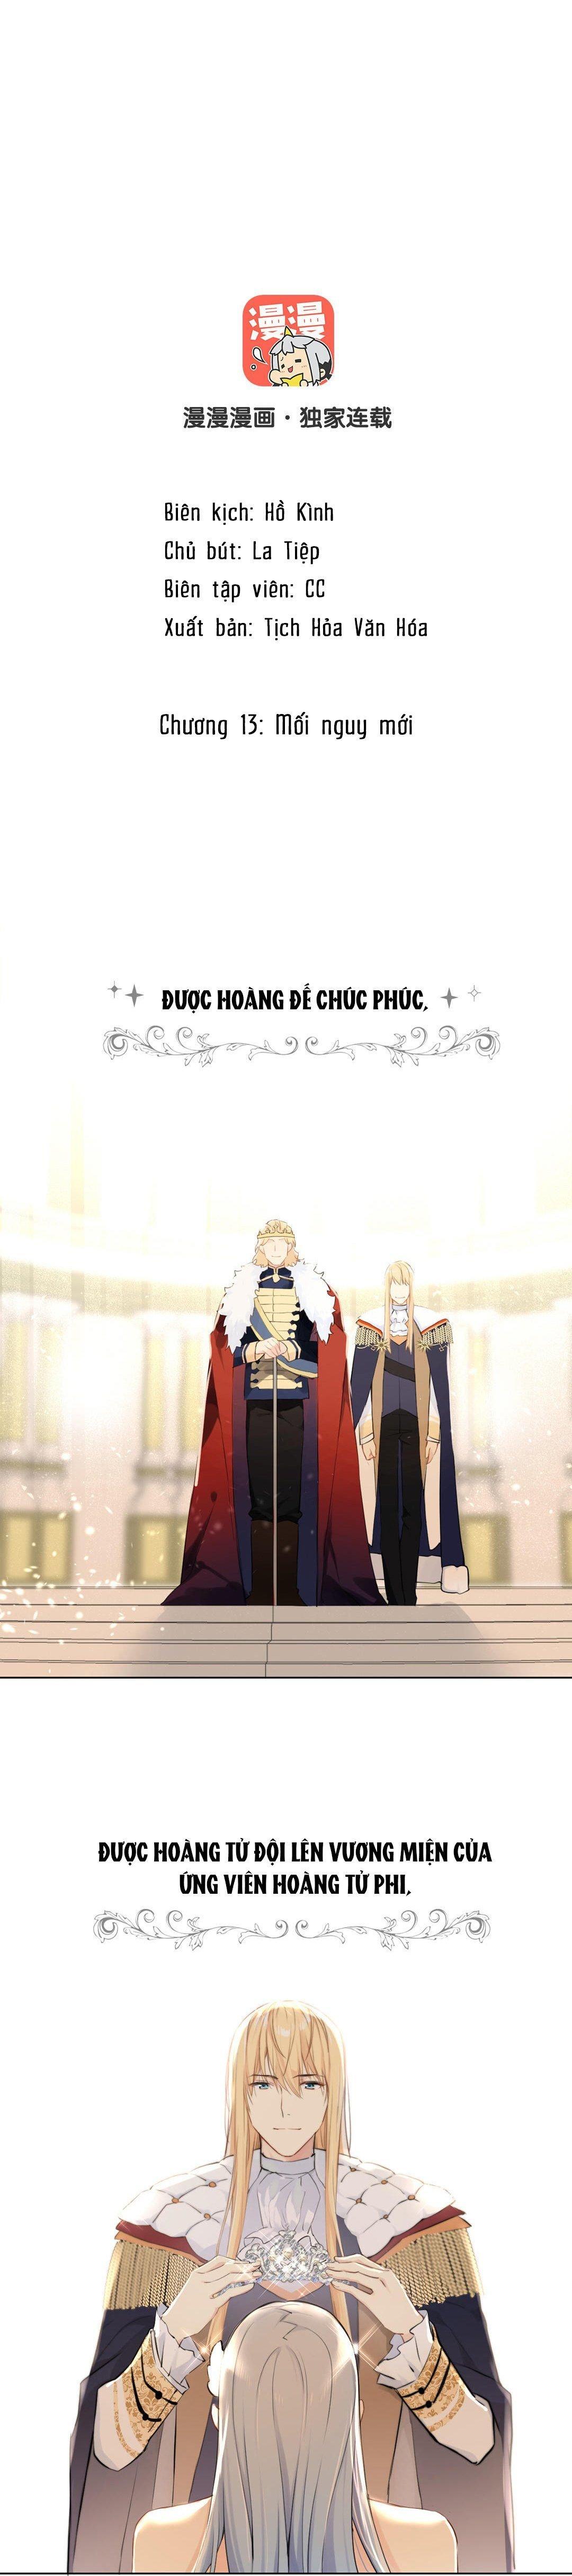 Đại Chiến Công Chúa Chapter 13 - Trang 2